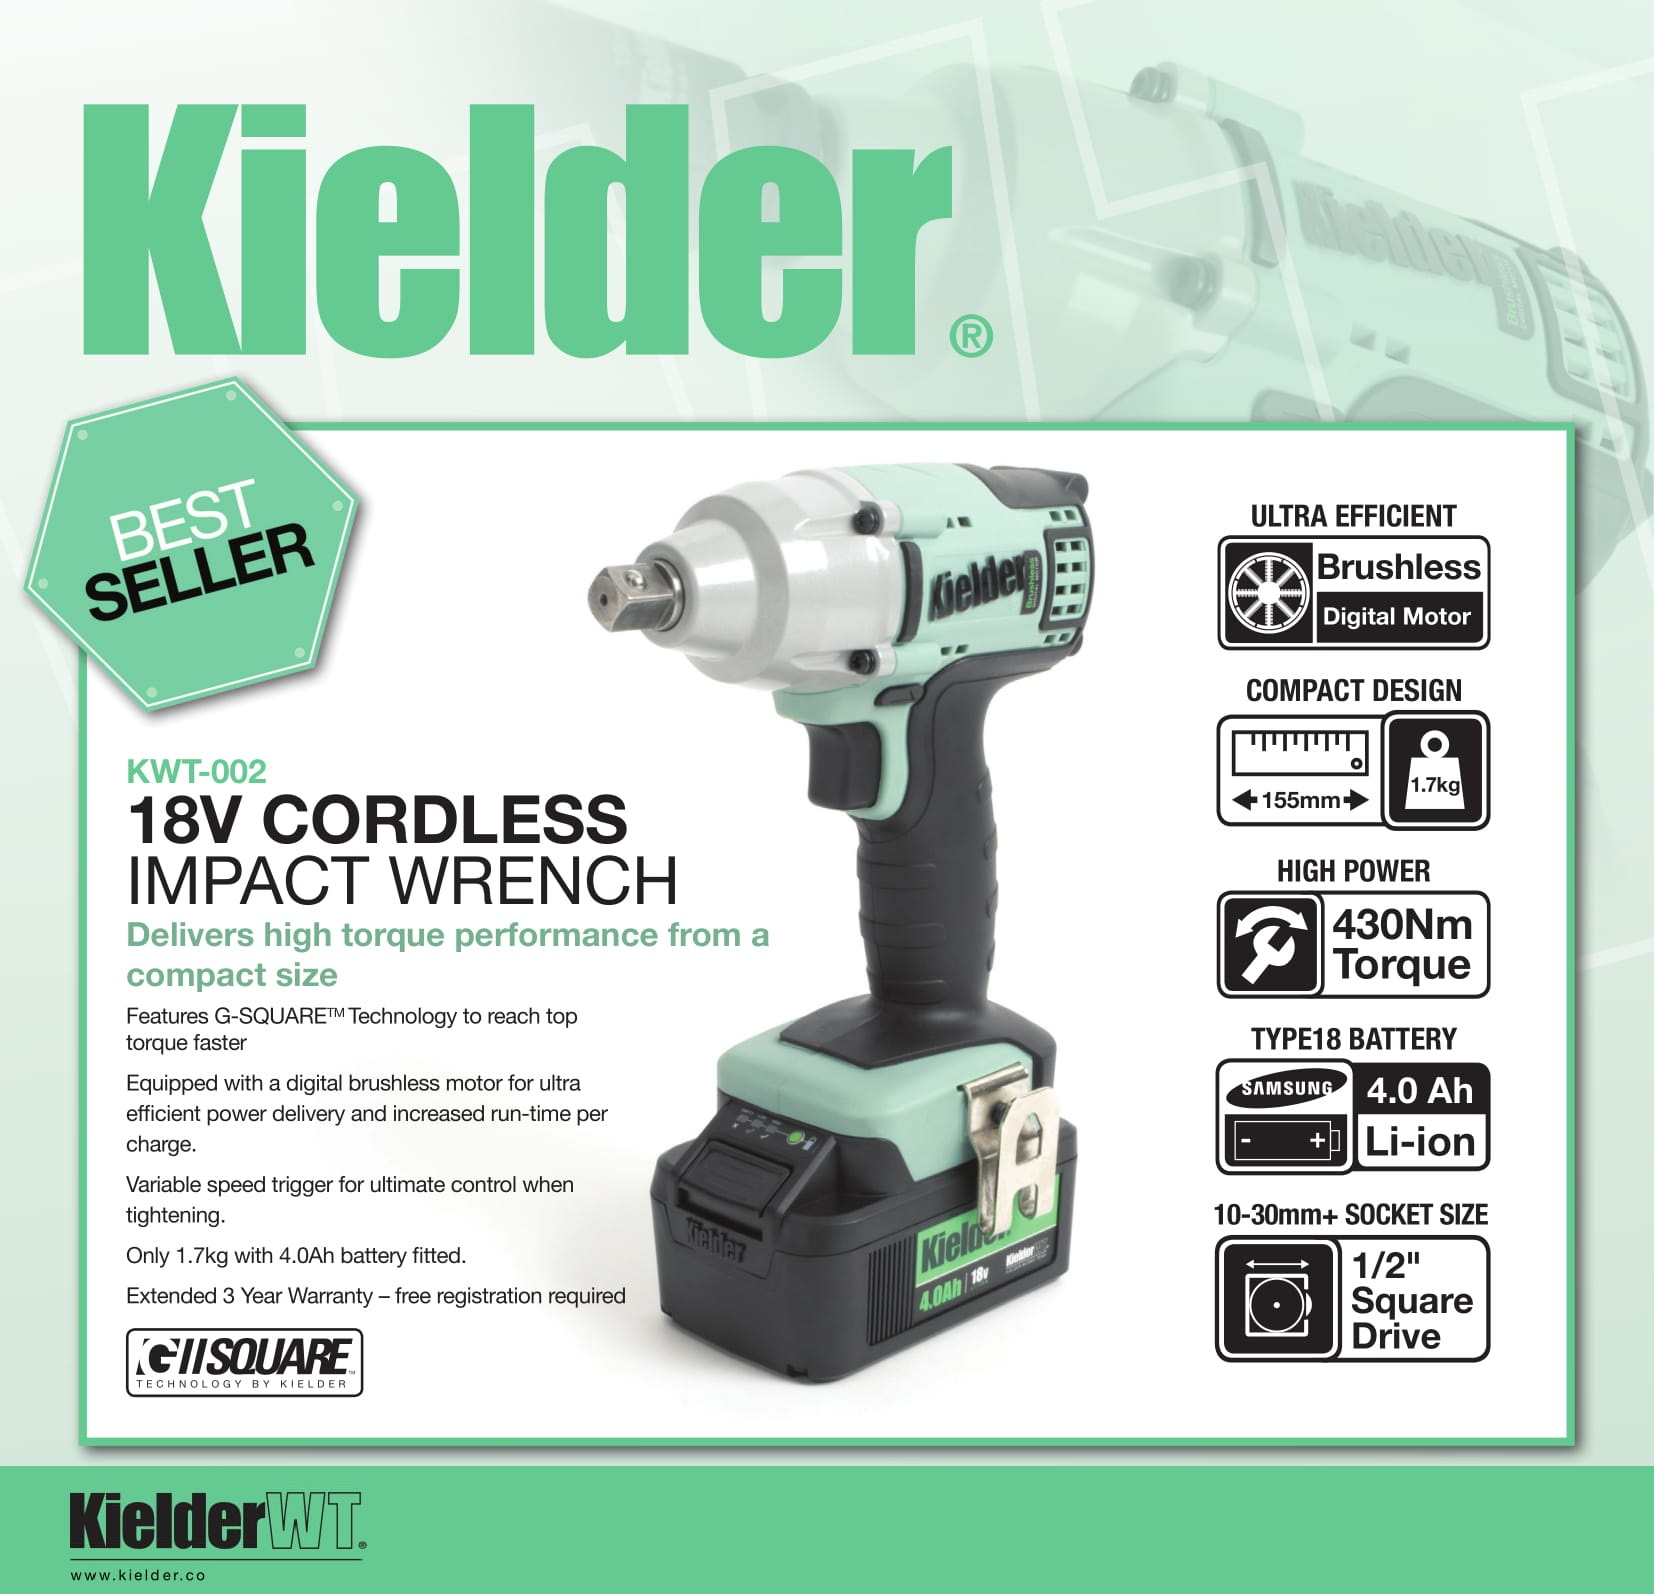 Kielder KWT-012-51 18v Brushless Cordless Impact Wrench 2 x 4.0Ah TYPE18 Li-ion Battery